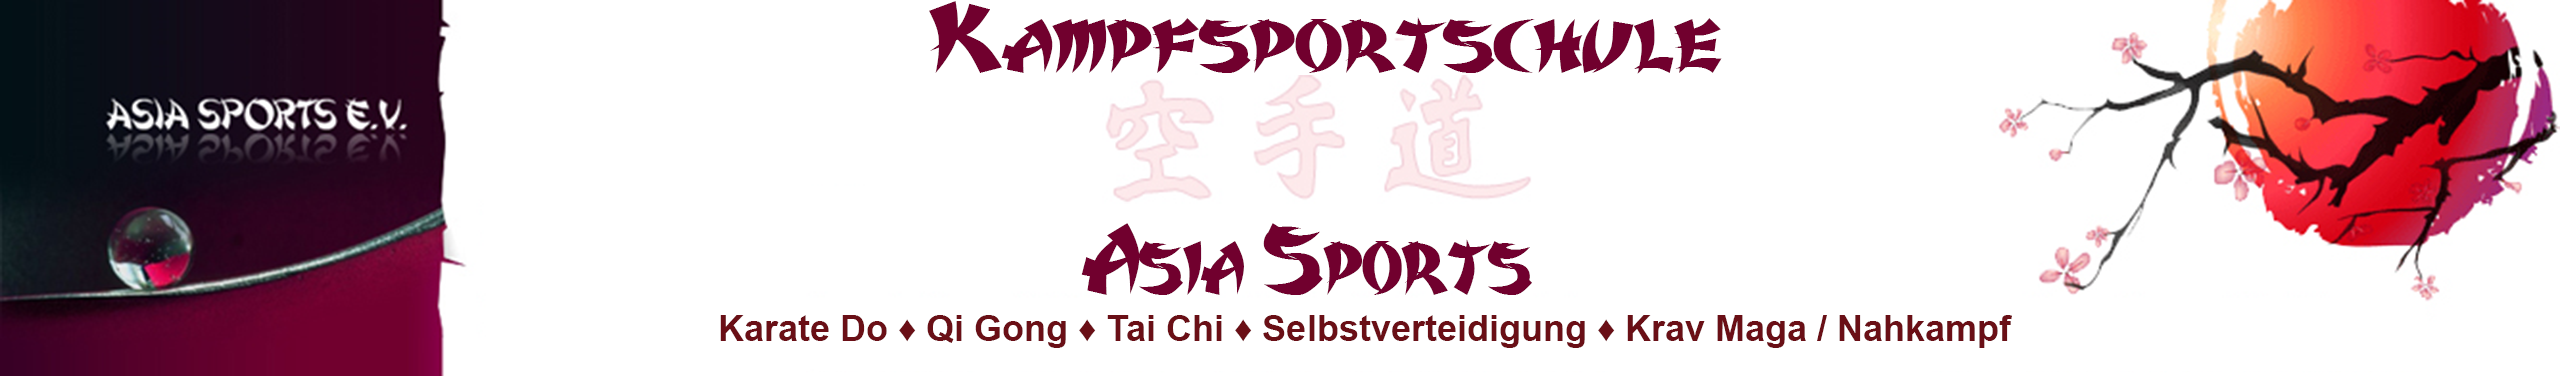 Kampfsportschule Asia Sports - Karate / Krav Maga / Nahkampf / Selbstverteidigung / Taekwon-Do / Kickboxen